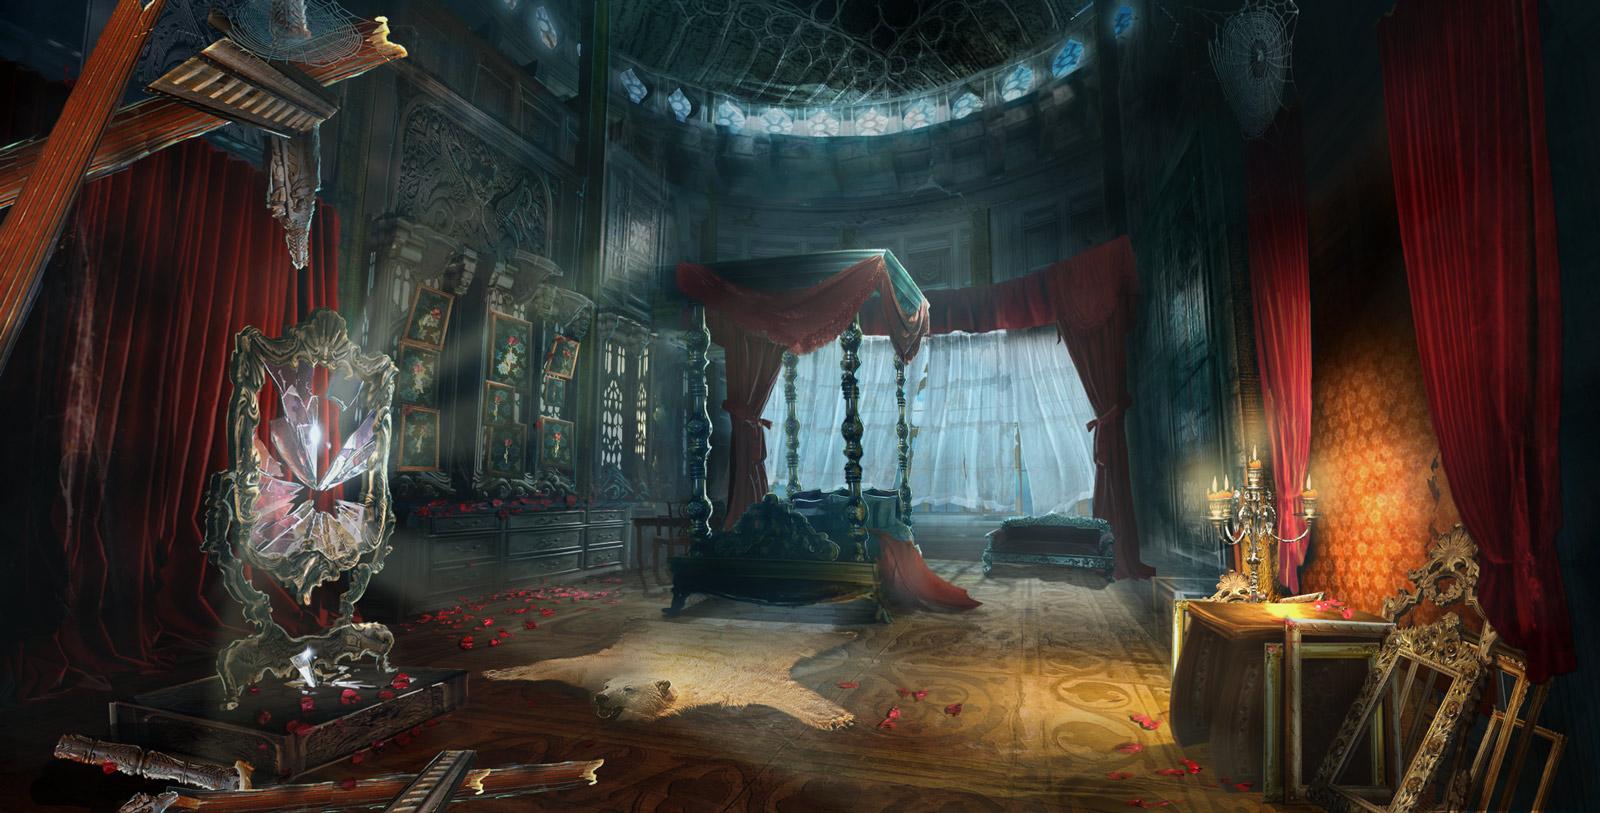 beast bedroom by wolfewolf on deviantart